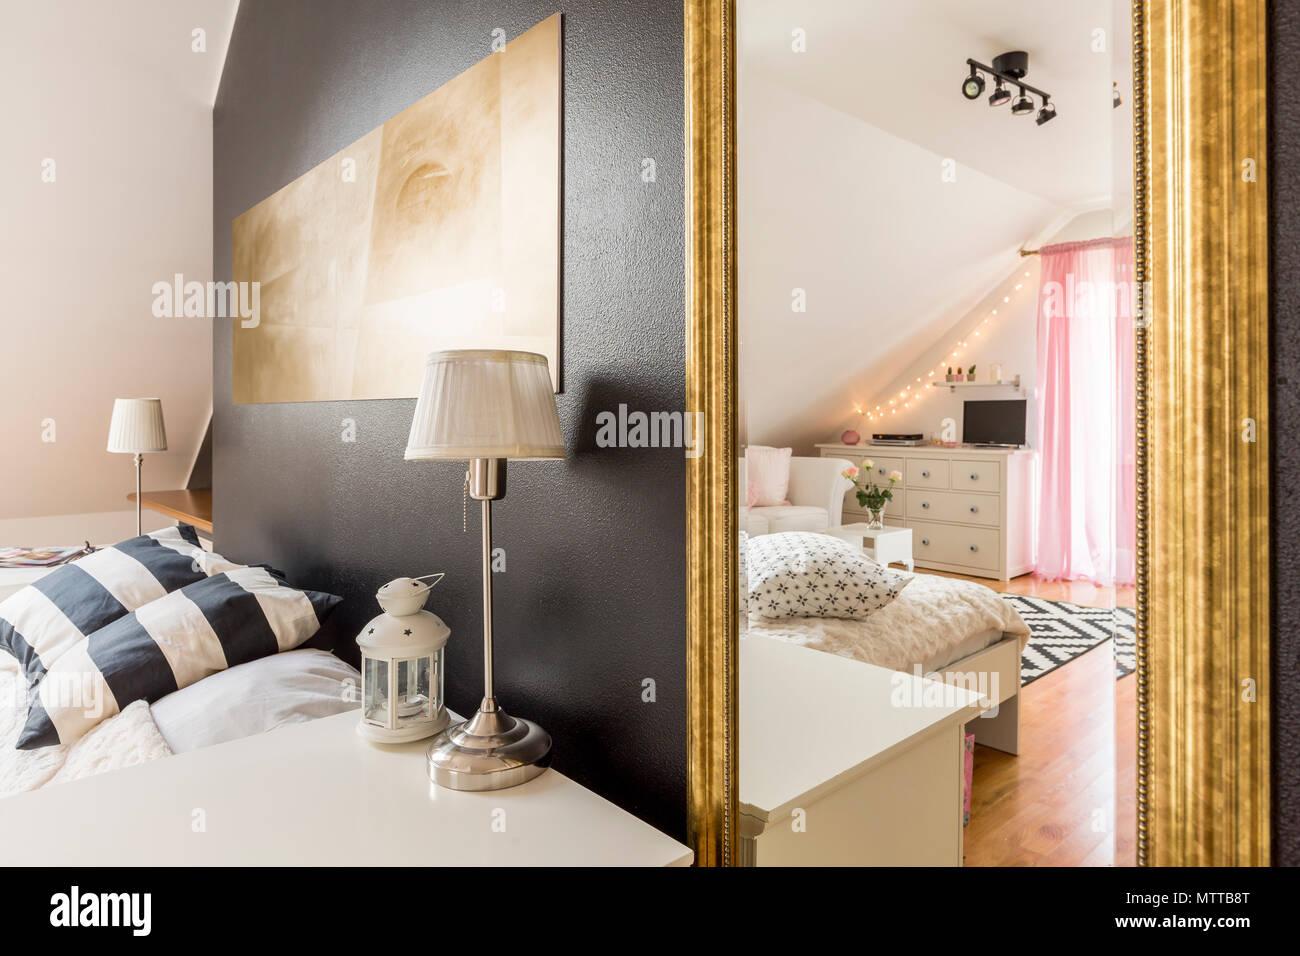 nouvelle chambre avec mur noir transparent ouvert a une chambre a coucher spacieuse lumineuse avec des meubles blancs